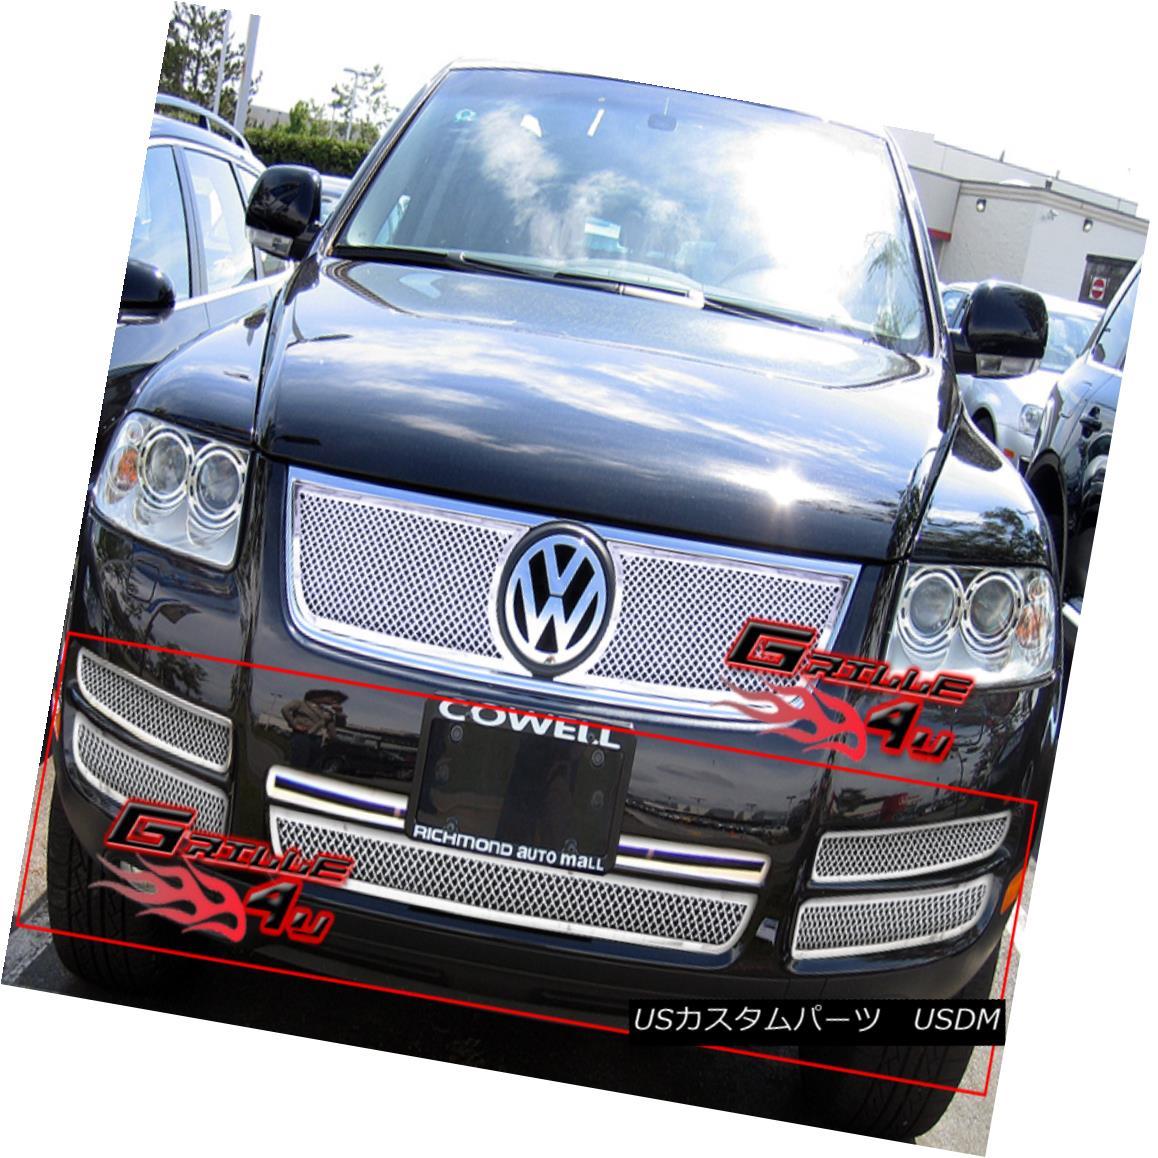 グリル Fits 2003-2007 VW Volkswagen Touareg Bumper Stainless Mesh Grille 2003-2007 VW Volkswagen Touaregバンパーステンレスメッシュグリルに適合